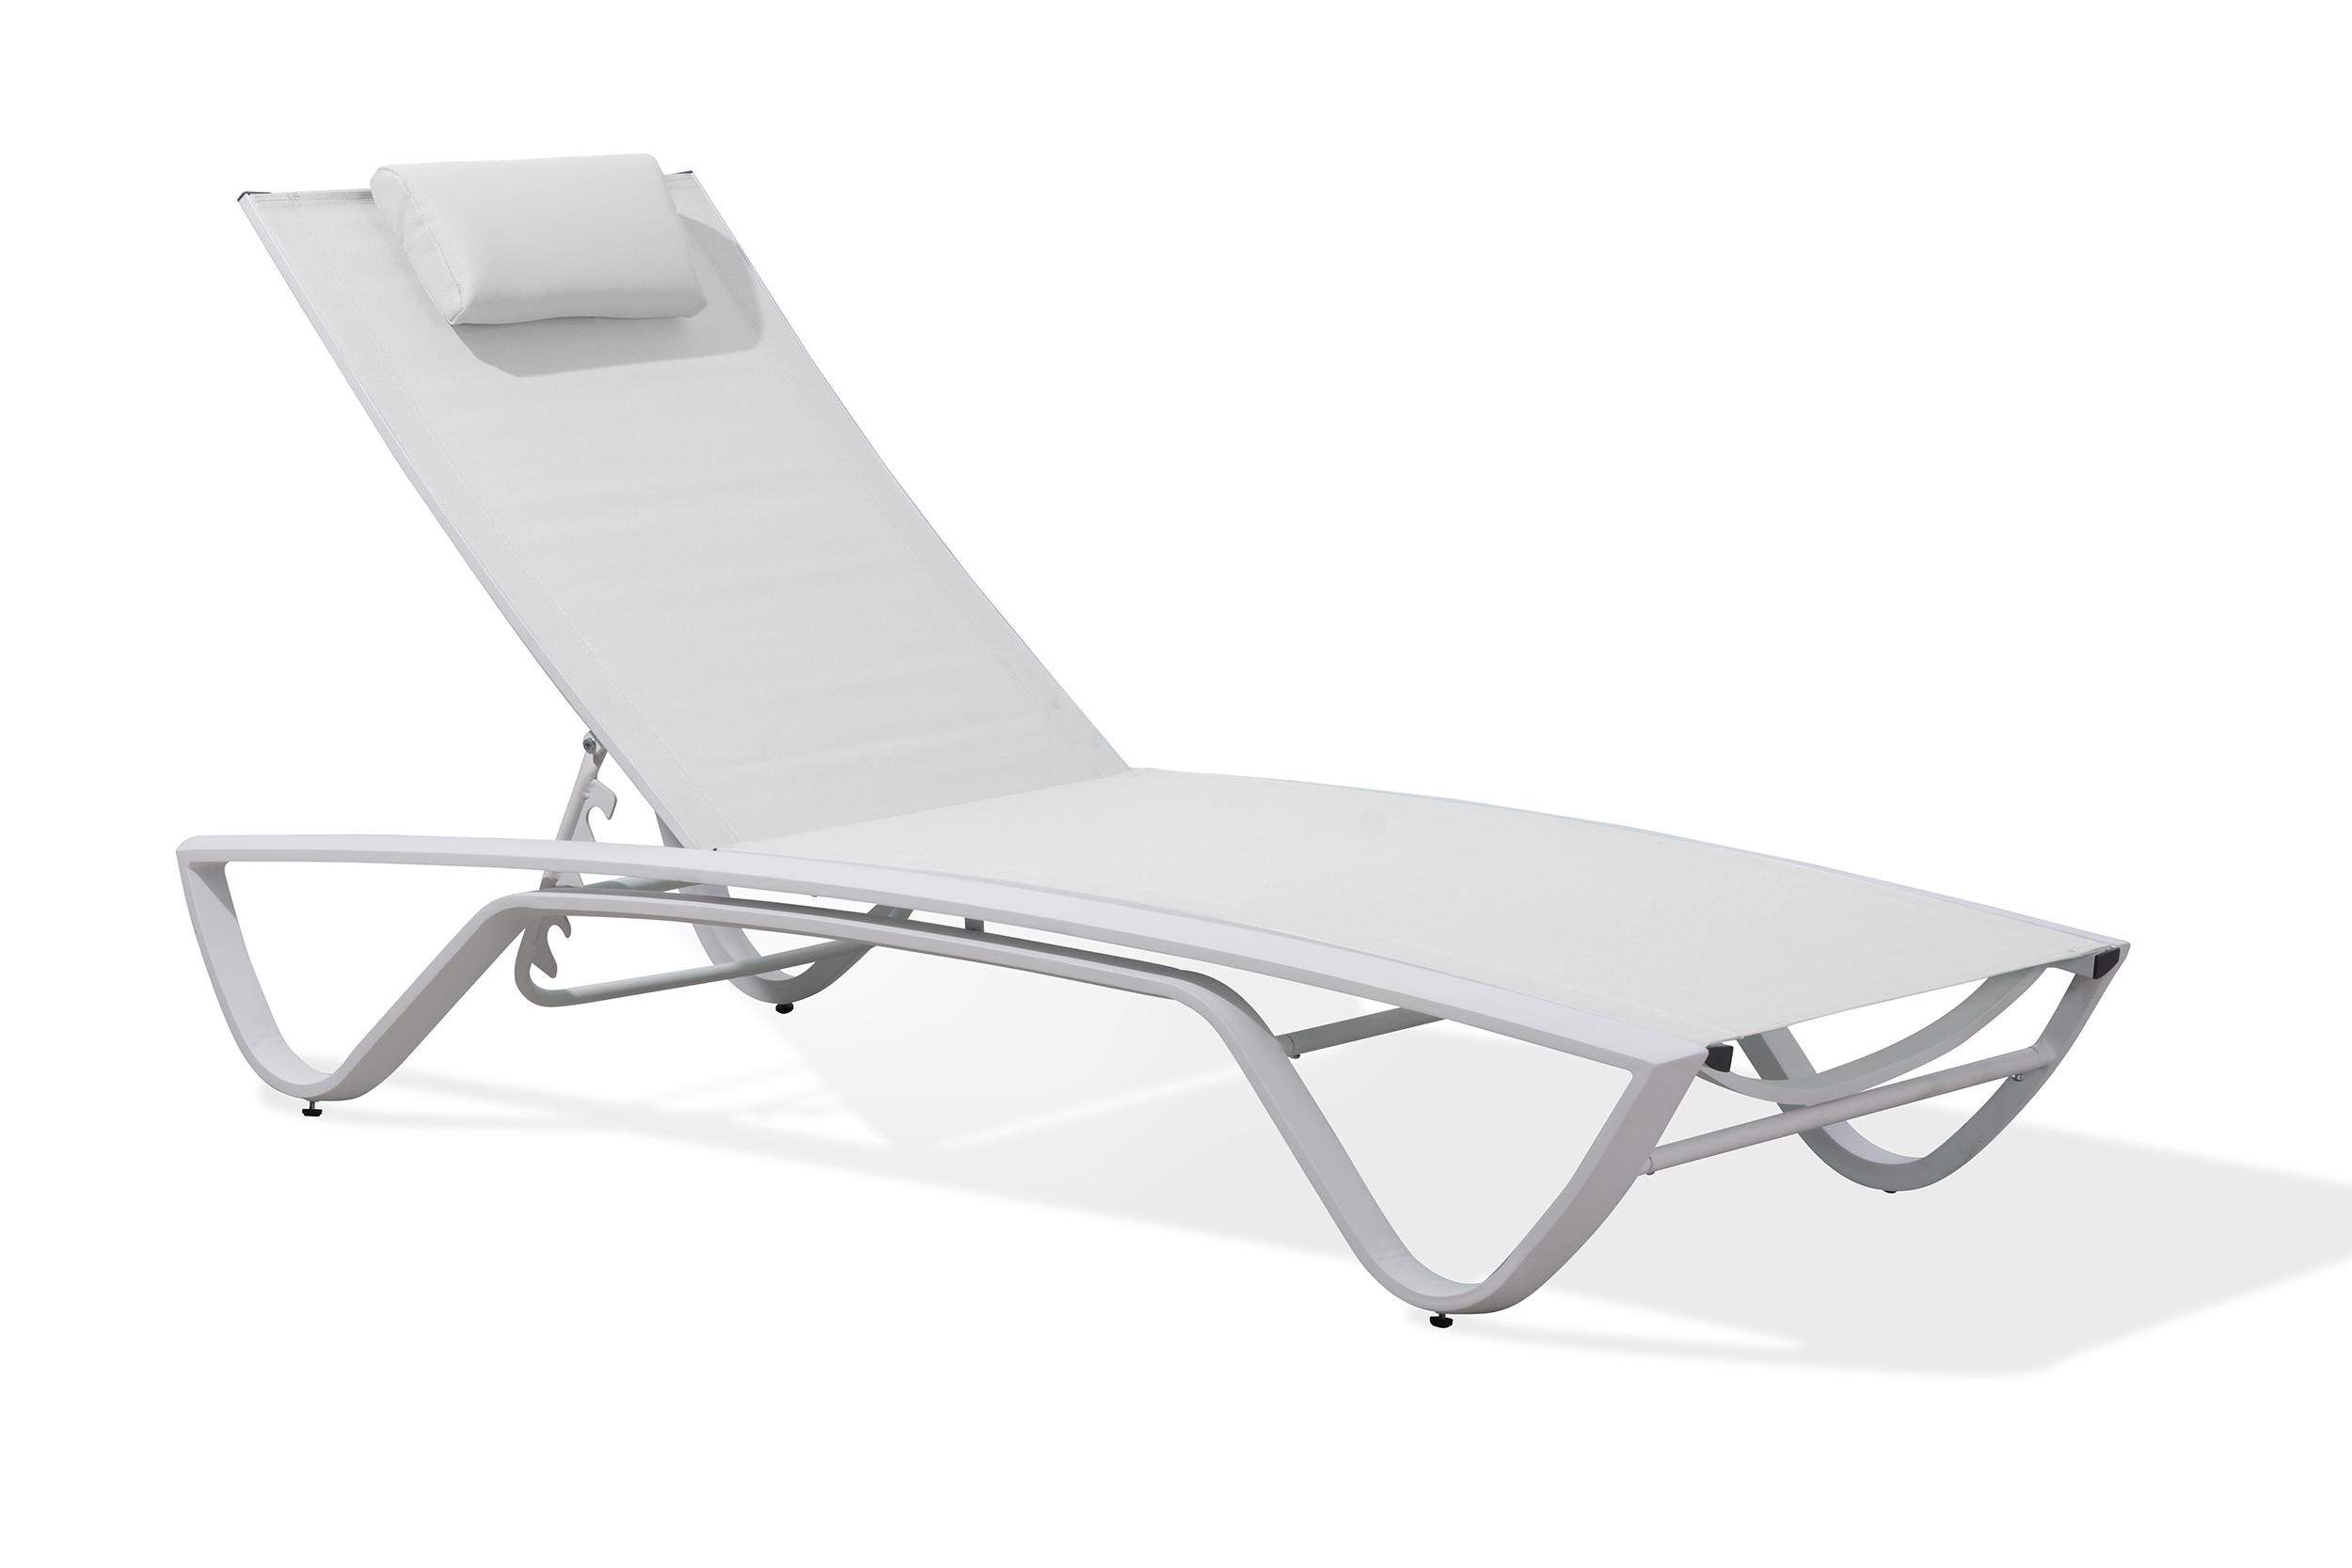 Chaise longue en aluminium blanc et toile plastifiée blanche